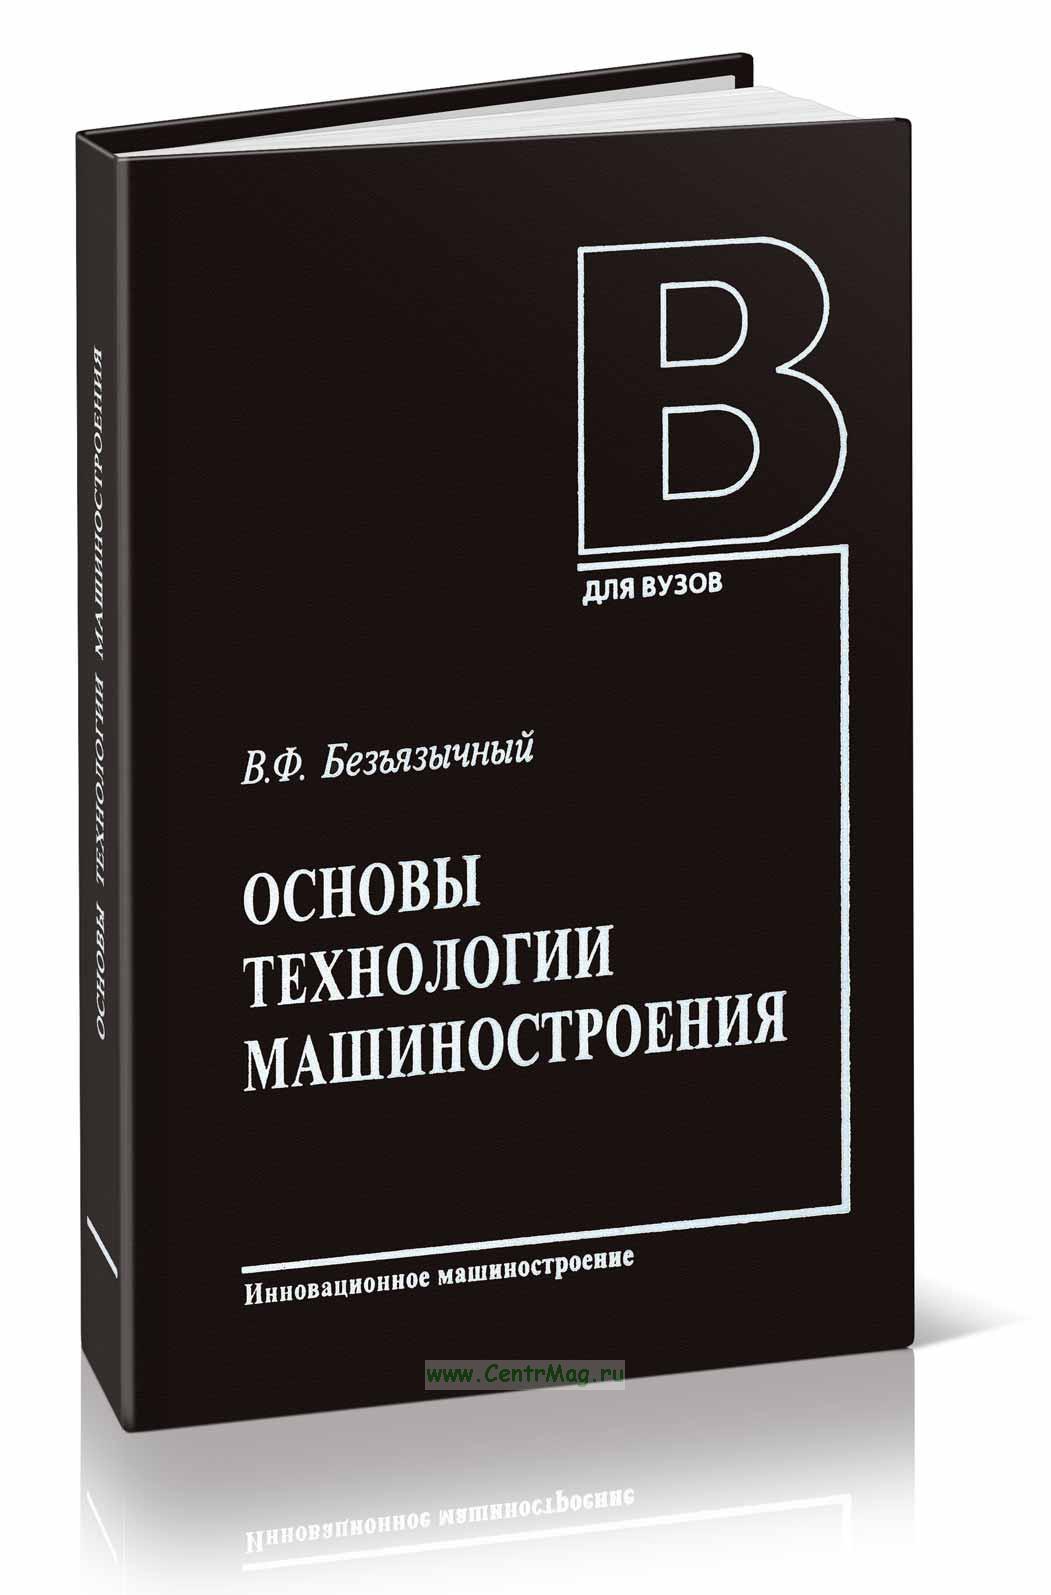 Основы технологии машиностроения (2-е изд.)